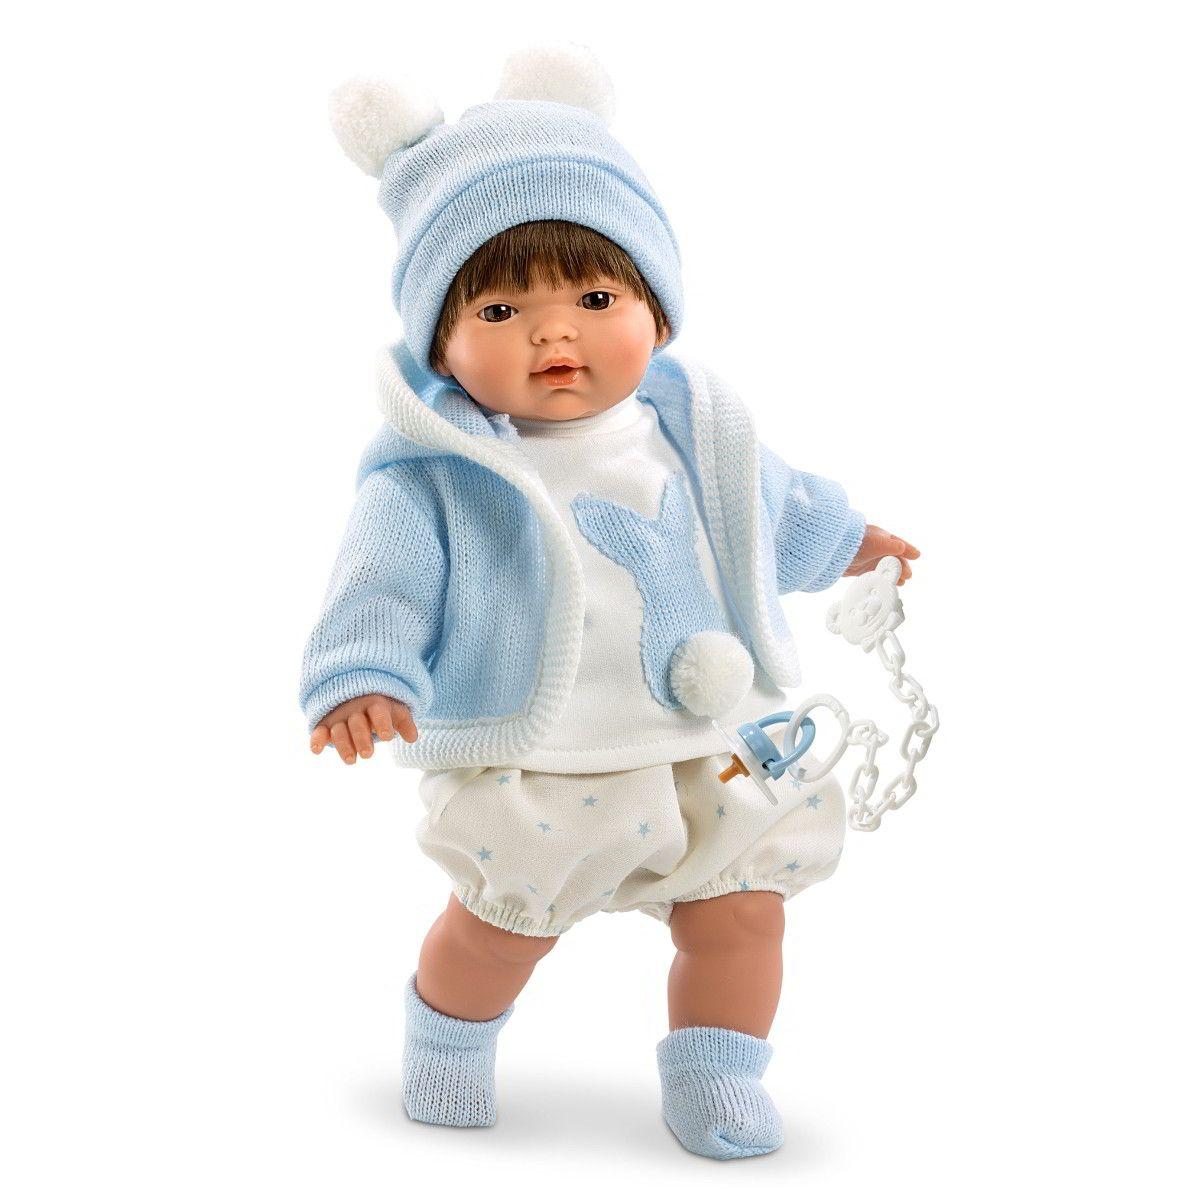 Кукла Карлос, 33 смИспанские куклы Llorens Juan, S.L.<br>Кукла Карлос, 33 см<br>